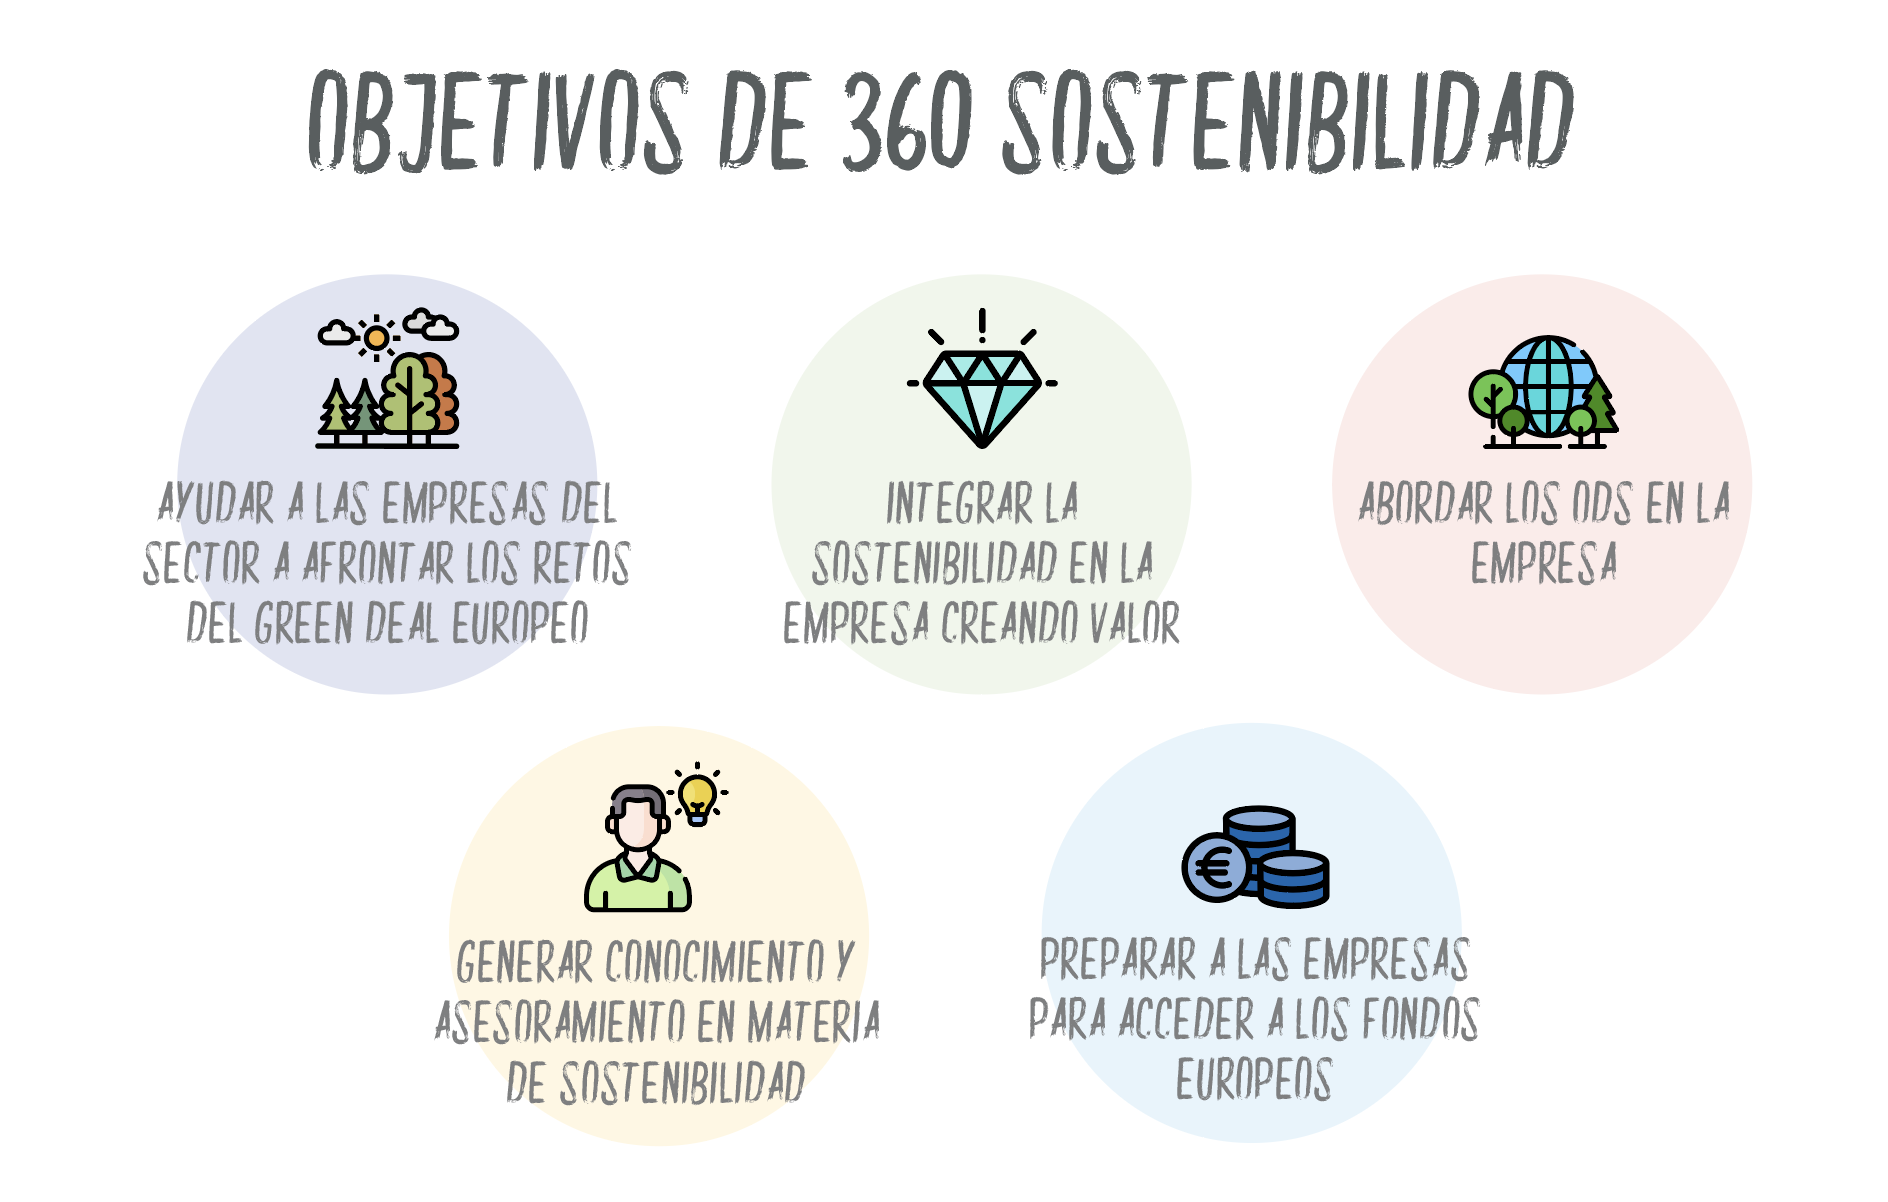 objetivos de 360 sostenibilidad by Omawa